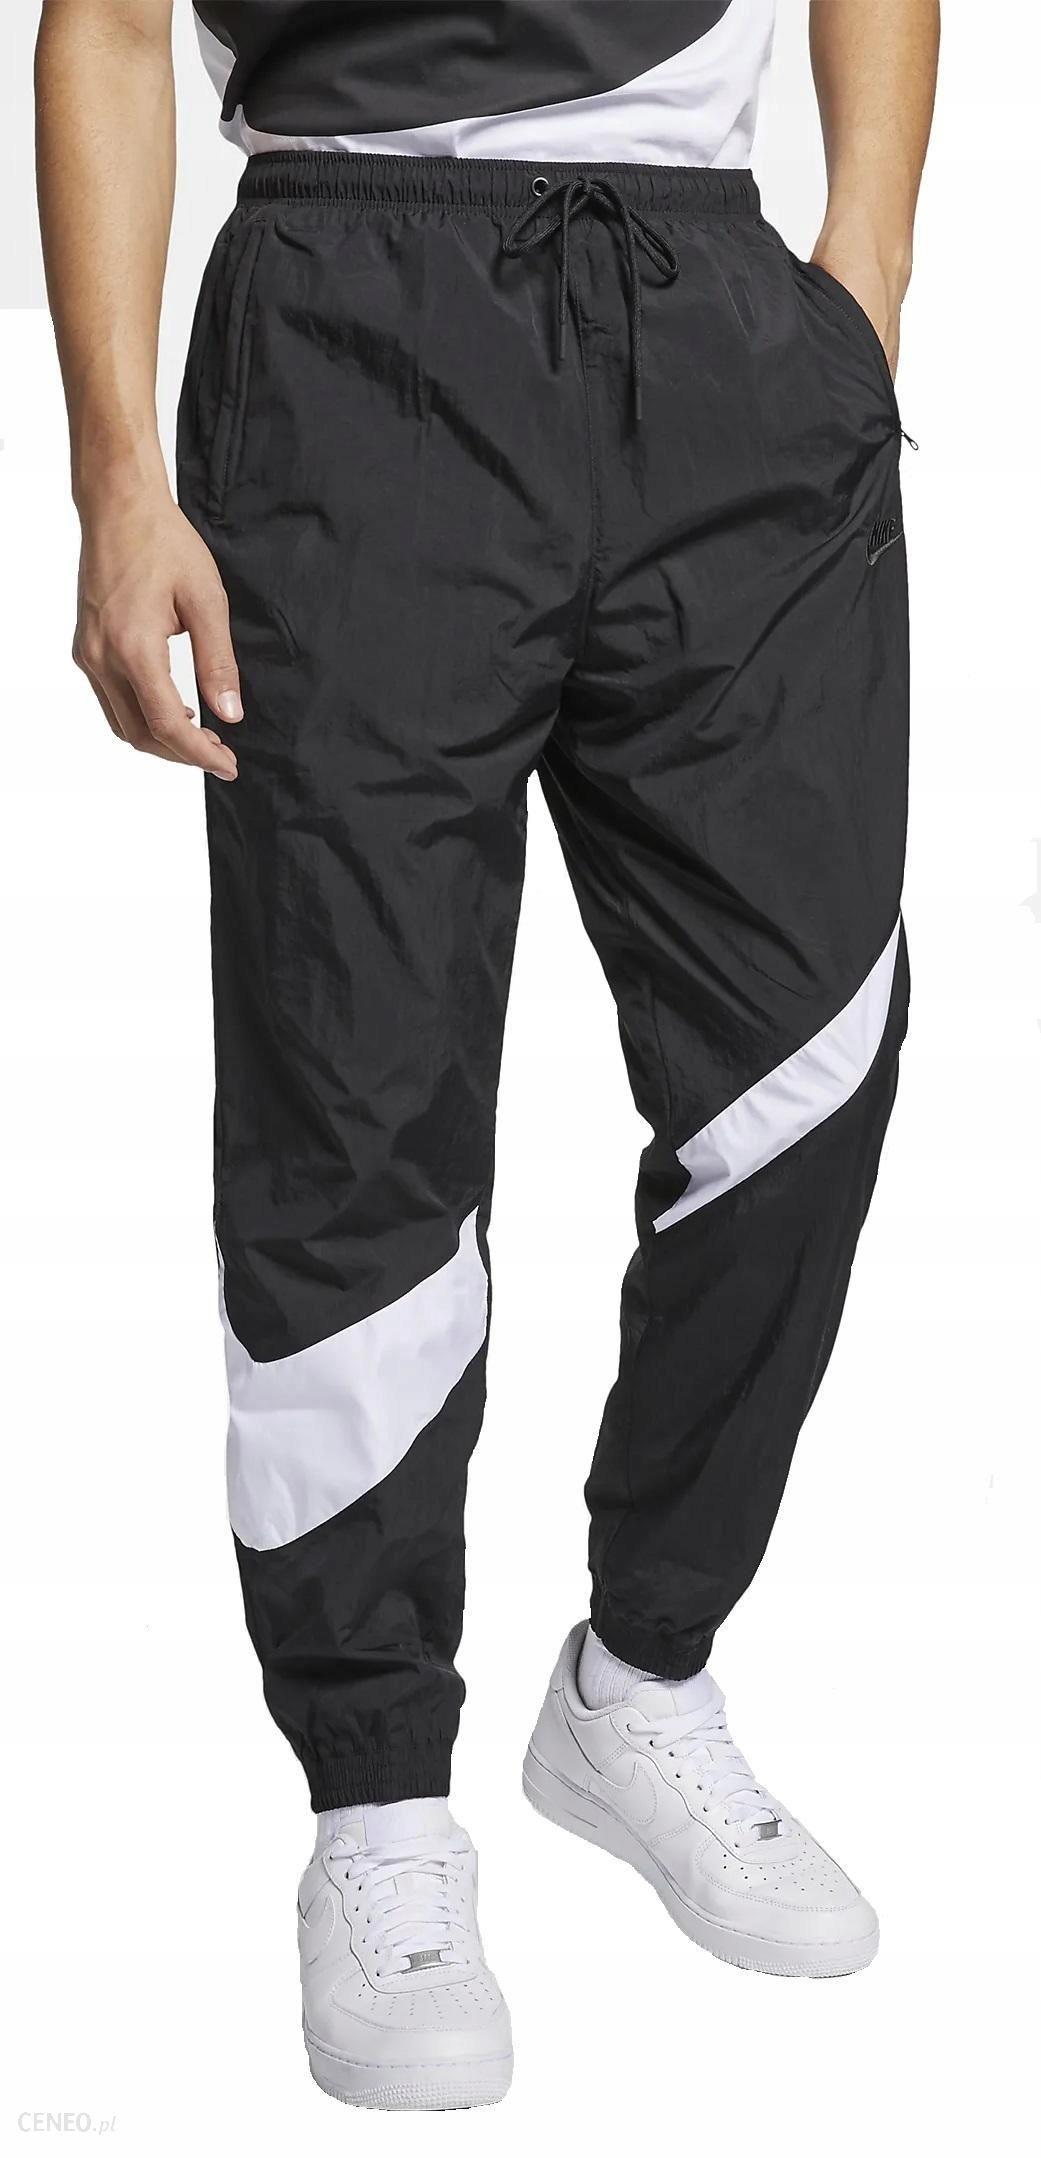 L Spodnie Męskie Nike Sportswear AR9894 010 Czarne Ceny i opinie Ceneo.pl